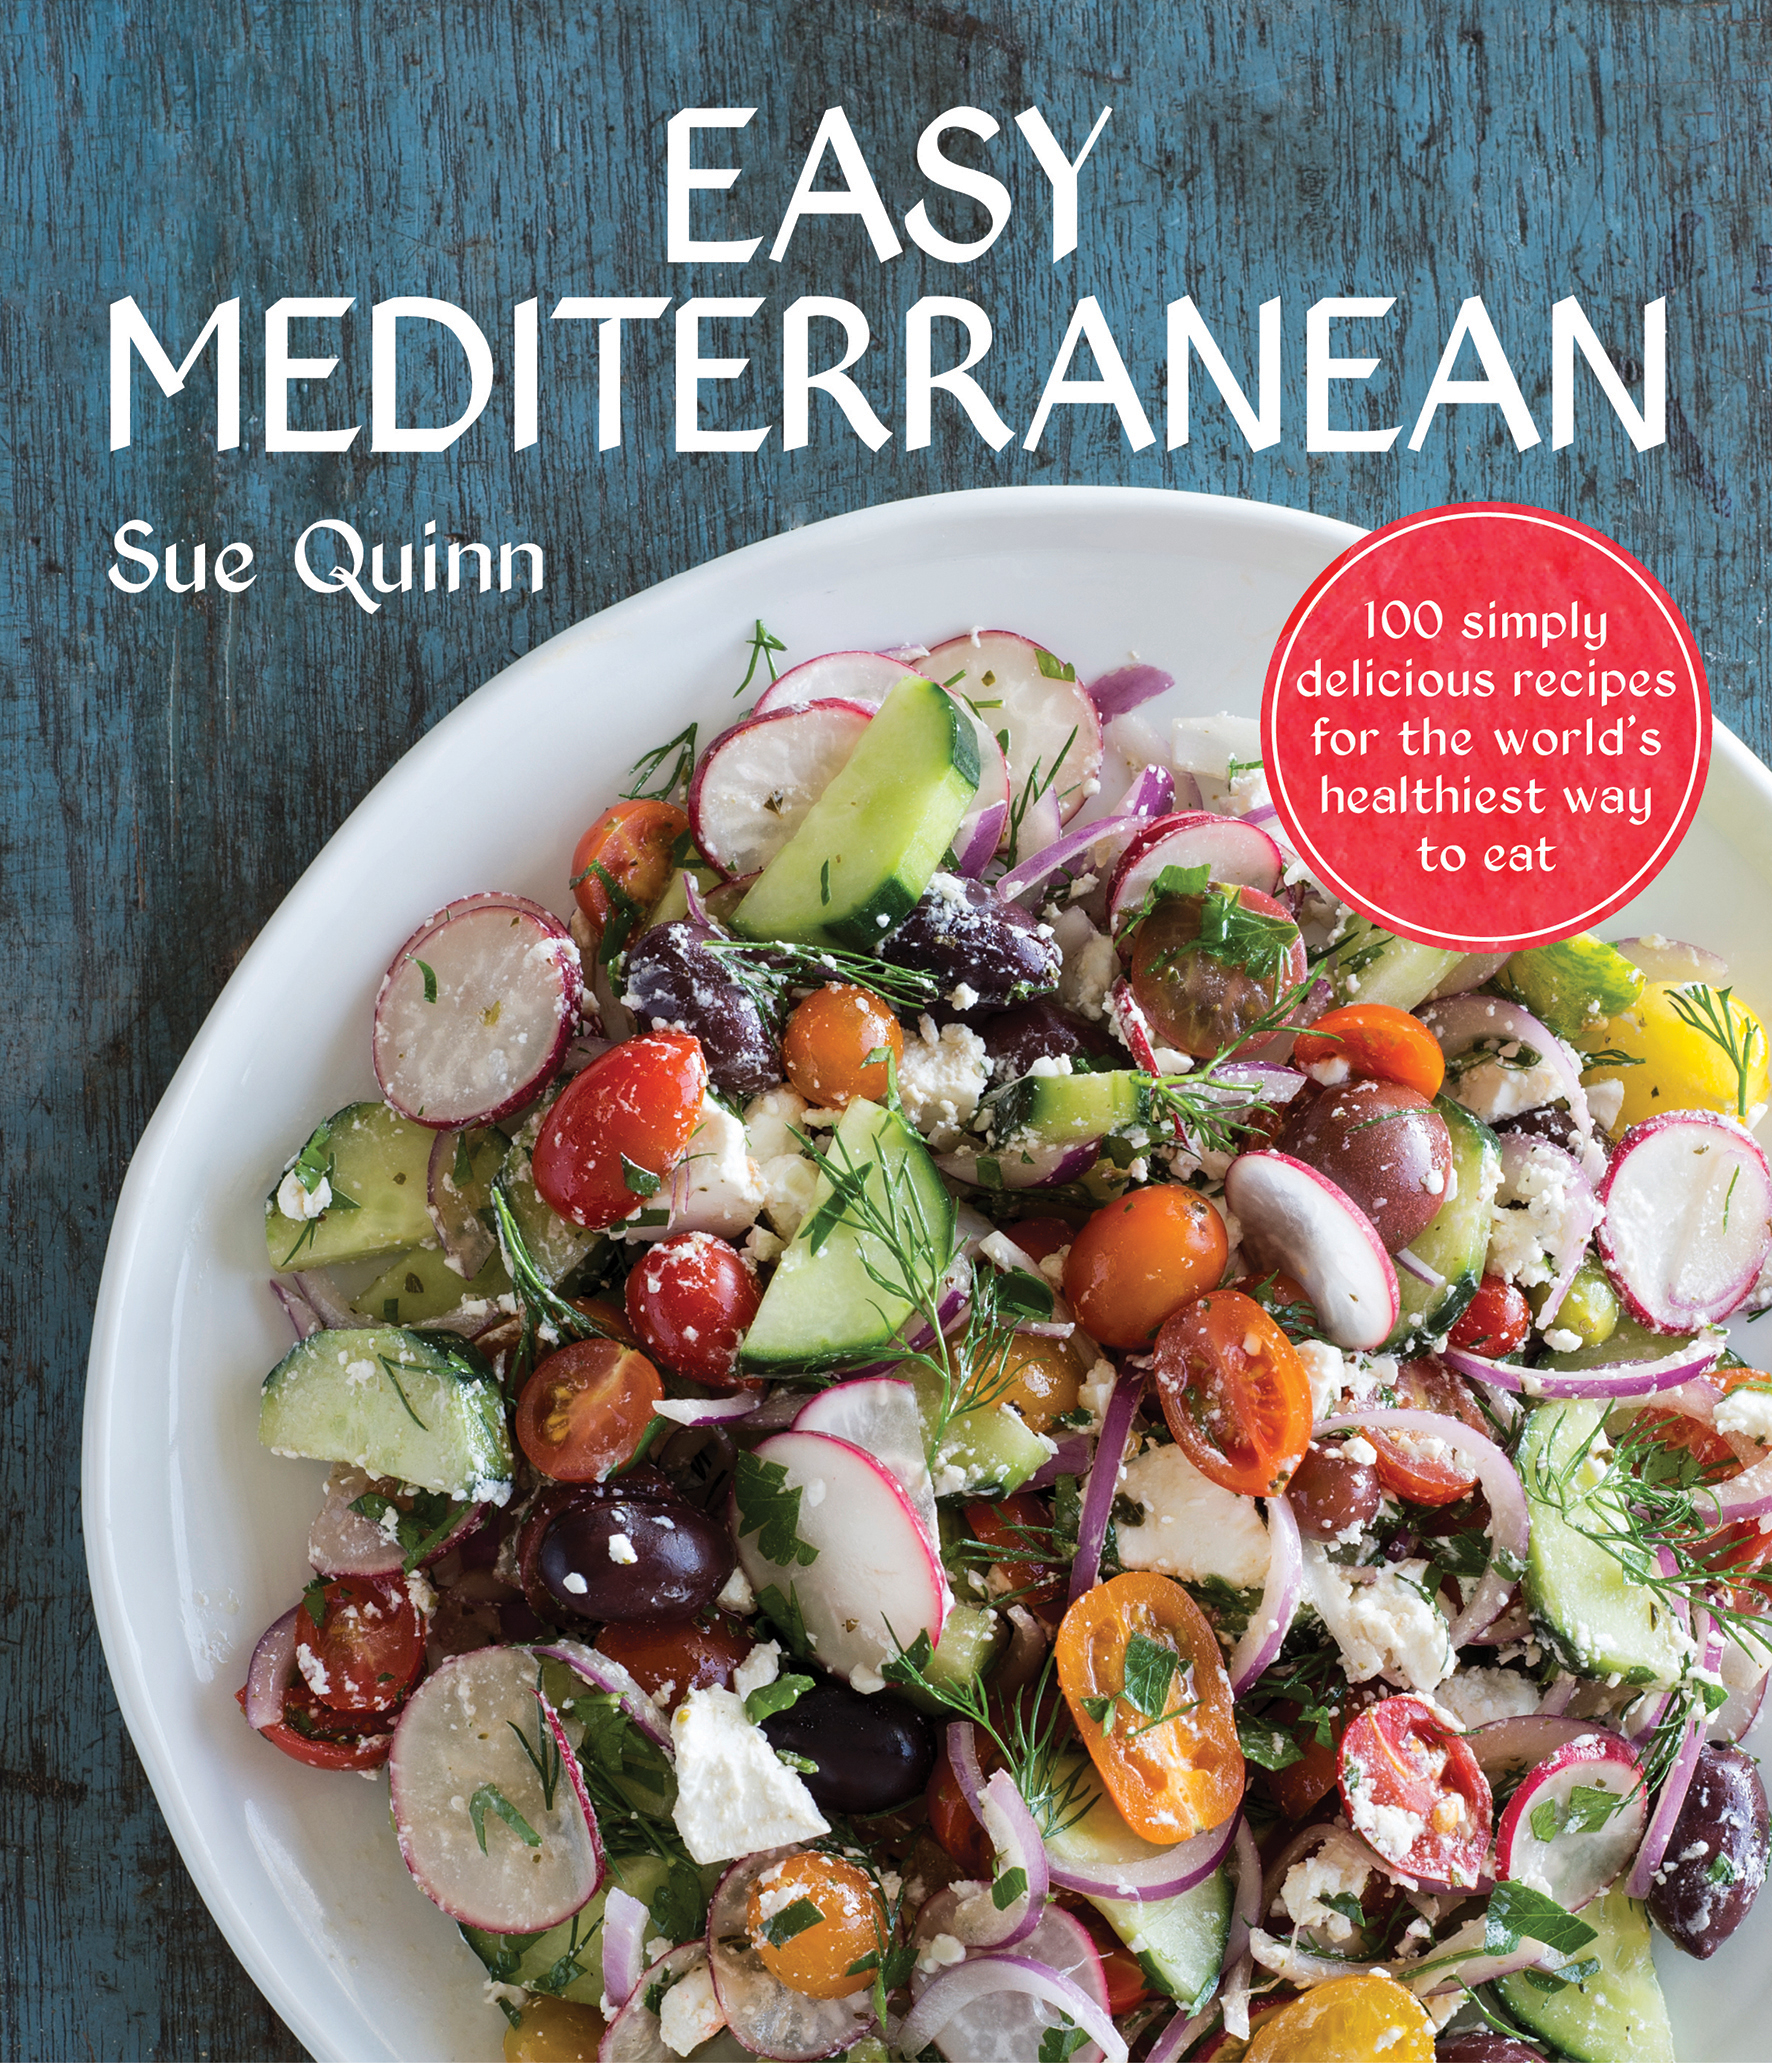 Mediterranean Style Diet Recipes: Easy Mediterranean